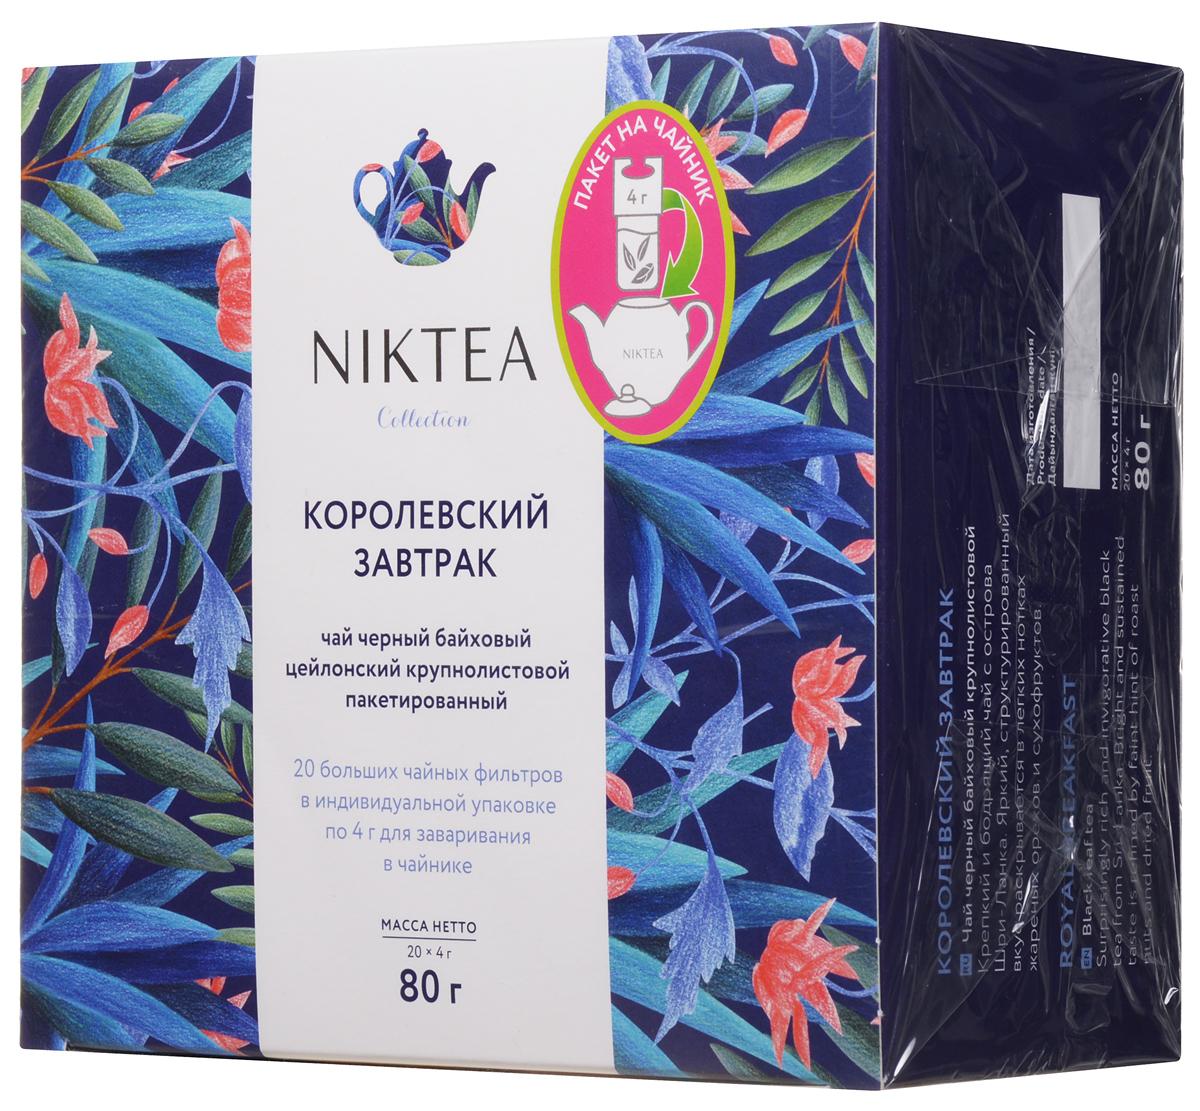 Niktea Royal Breakfast чай черный для чайника, 20 пакетов по 4 гTALTHA-GP0005Niktea Royal Breakfast - крепкий и бодрящий чай с острова Шри-Ланка. Яркий, структурированный вкус раскрывается в легких нотках жареных орехов и сухофруктов. Коллекция NikTea разработана командой экспертов, имеющих богатый опыт в чайной индустрии. Во время ее создания выбирались самые надежные поставщики из Европы и стран происхождения чая, а в линейку включили не только топовые аутентичные позиции, но и новые интересные рецептуры в традициях современной чайной миксологии. NikTea - это действительно качественный чай. Для истинных ценителей мы предлагаем безупречное качество: отборное сырье, фасовку на высокотехнологичном производственном комплексе в России, постоянный педантичный контроль готового продукта, а также сертификацию сырья по международным стандартам. NikTea - это разнообразие. В линейках листового и пакетированного чая представлены все основные группы вкусов - от классического черного и зеленого чая до ароматизированных,...